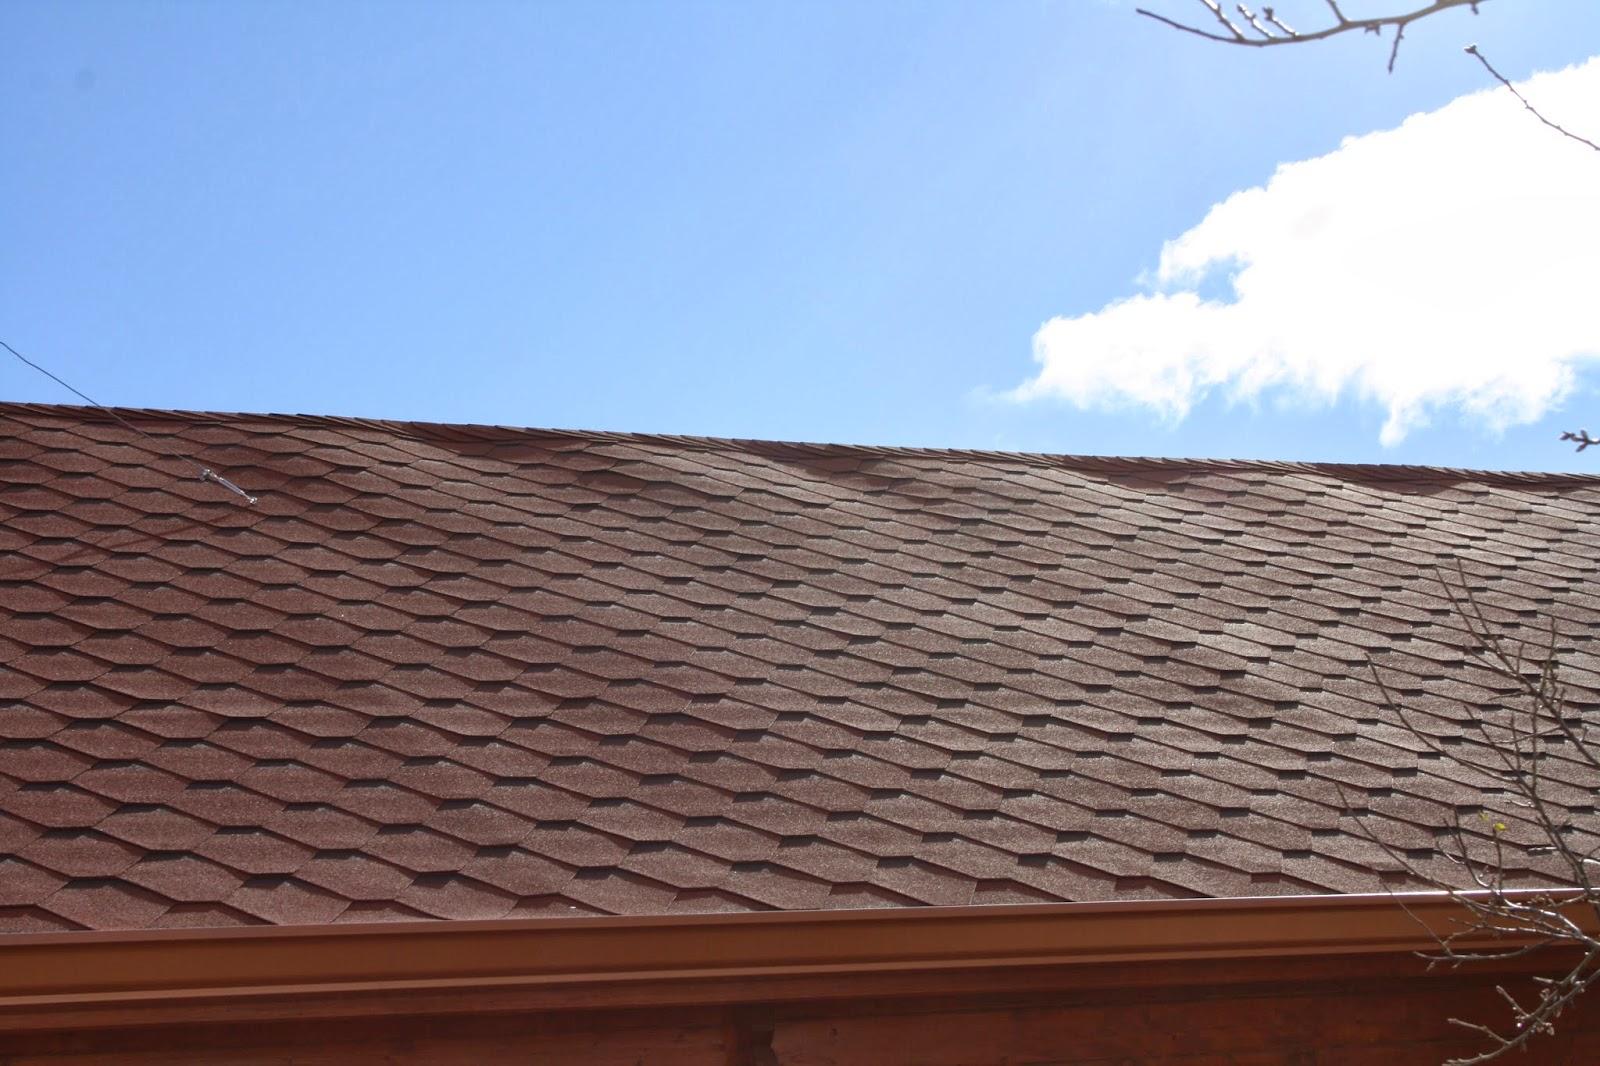 Chapa estilo teja instaladores panel s ndwich madrid for Cubiertas para casas